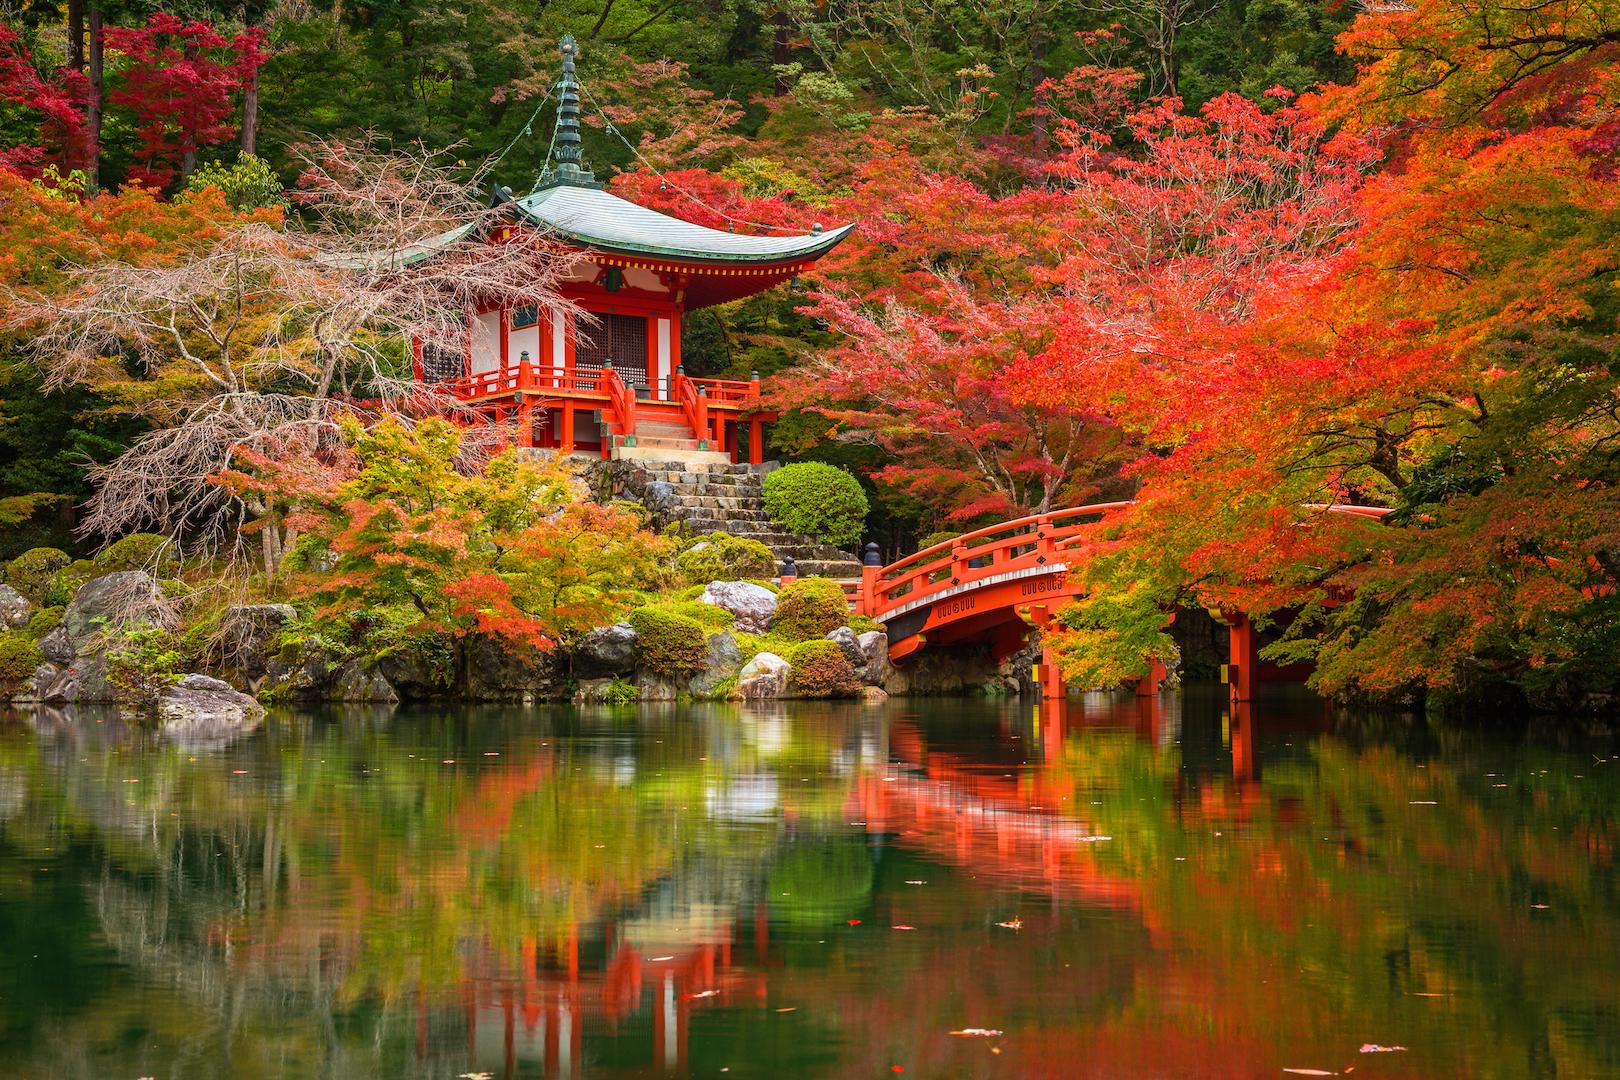 Japan Yoga Retreat 2020 | Reclaim Your Self